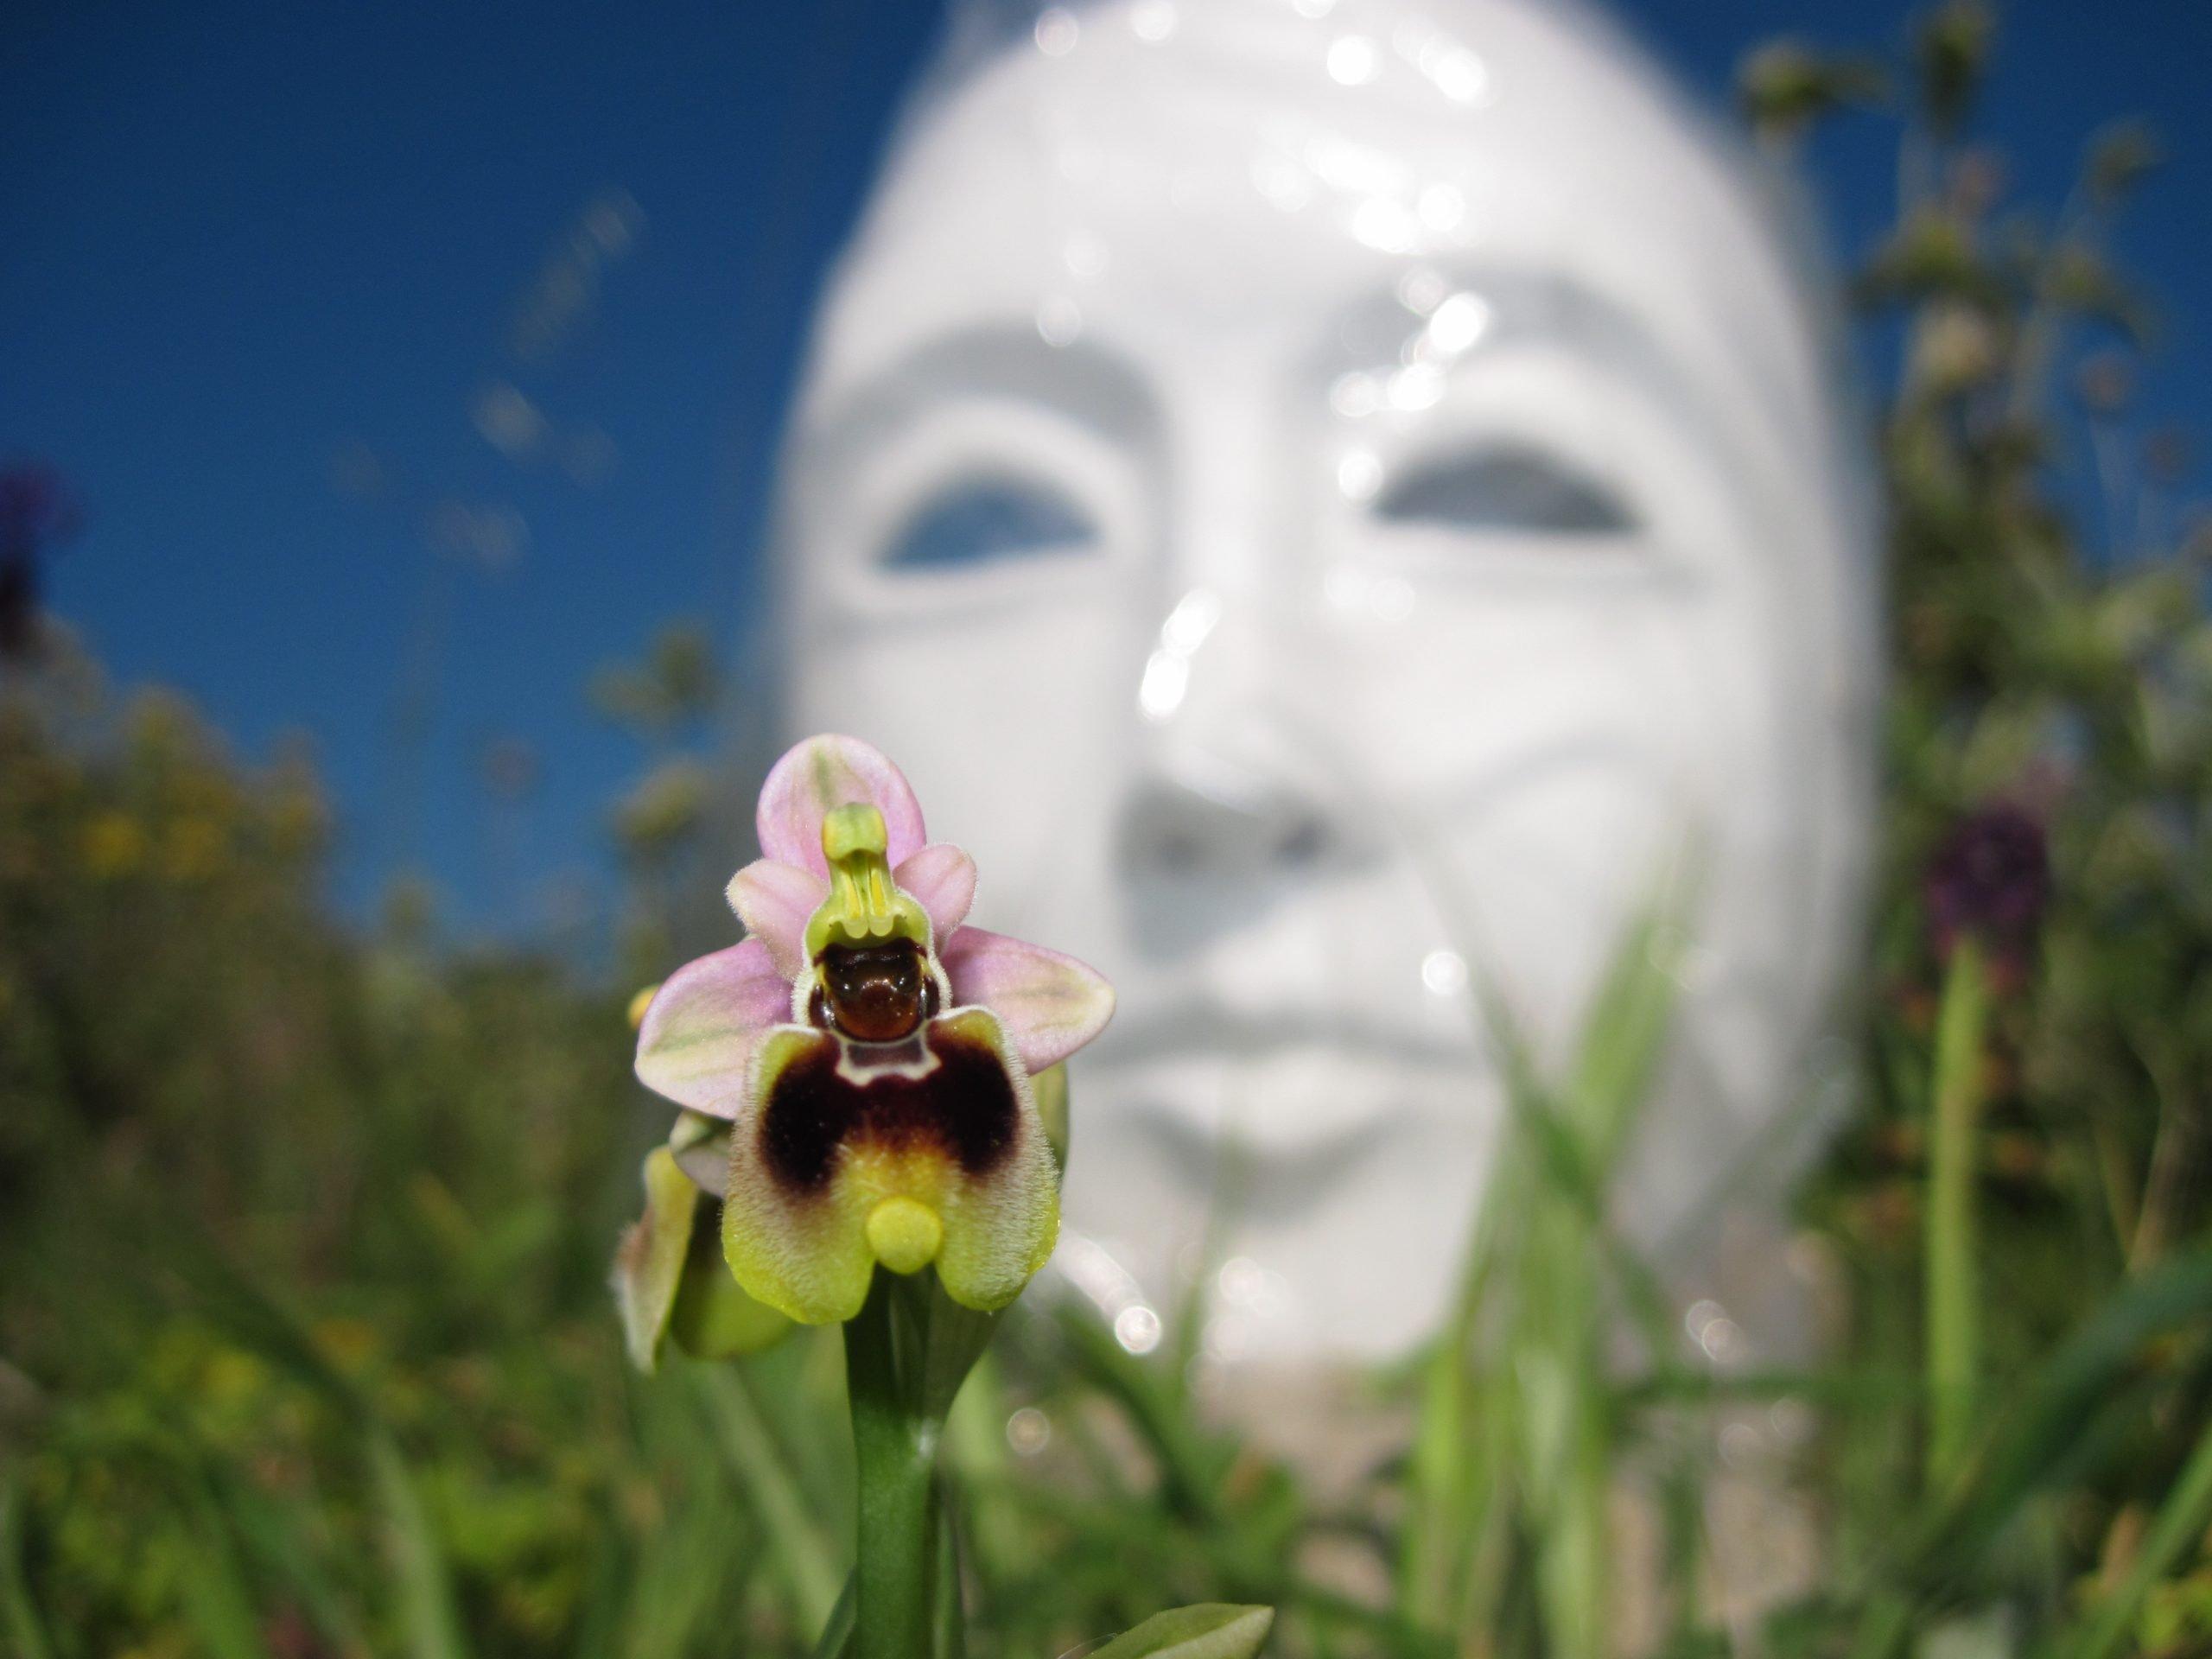 Ophrys-tenthredinifera-salento-kaliani-trip